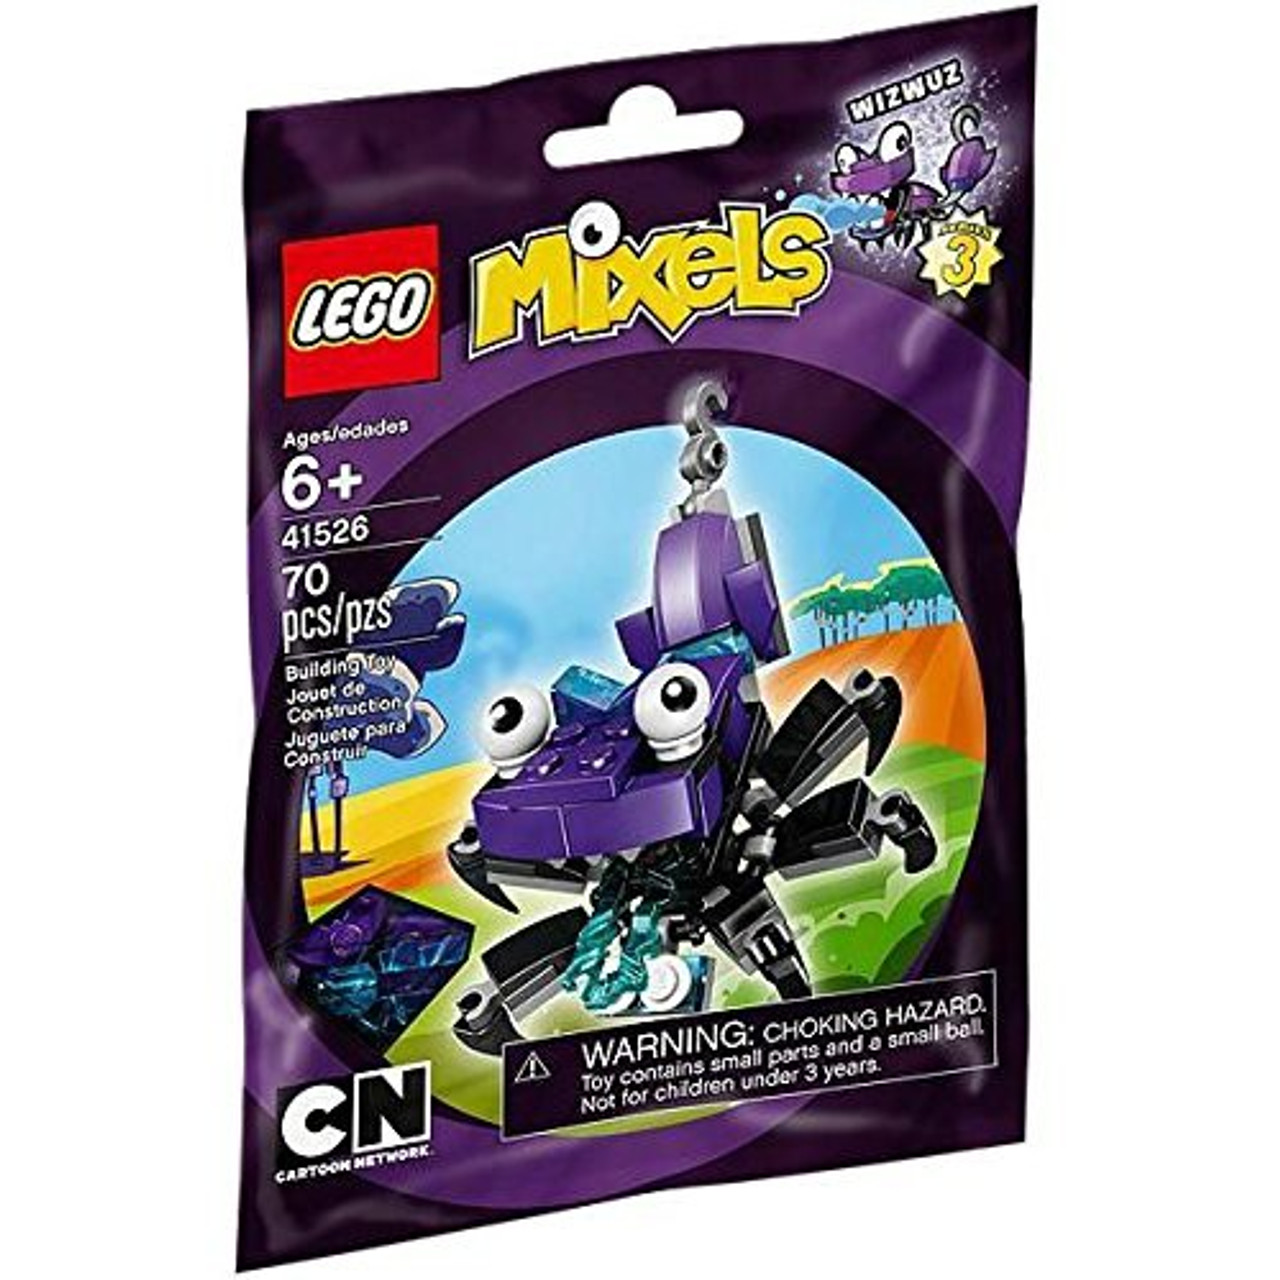 LEGO Mixels Series 3 WIZWUZ Set #41526